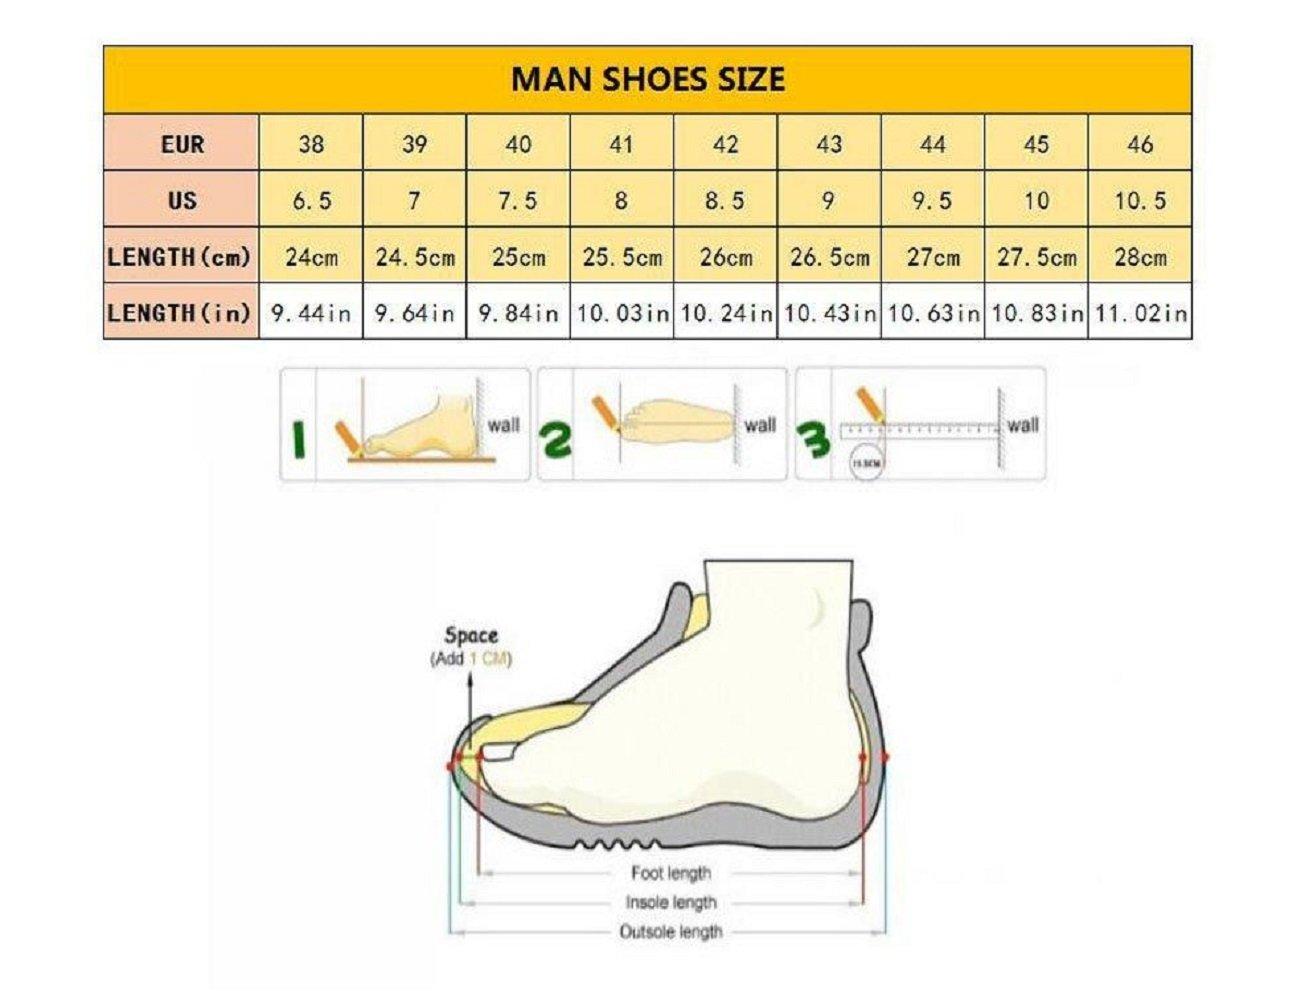 Männer Sport Outdoor Sandalen Strand Schuhe Herren Sandalen Zwei Wear Wear Zwei Dick-Söld Velcro Mode Schuhe ZHANGM 21b853